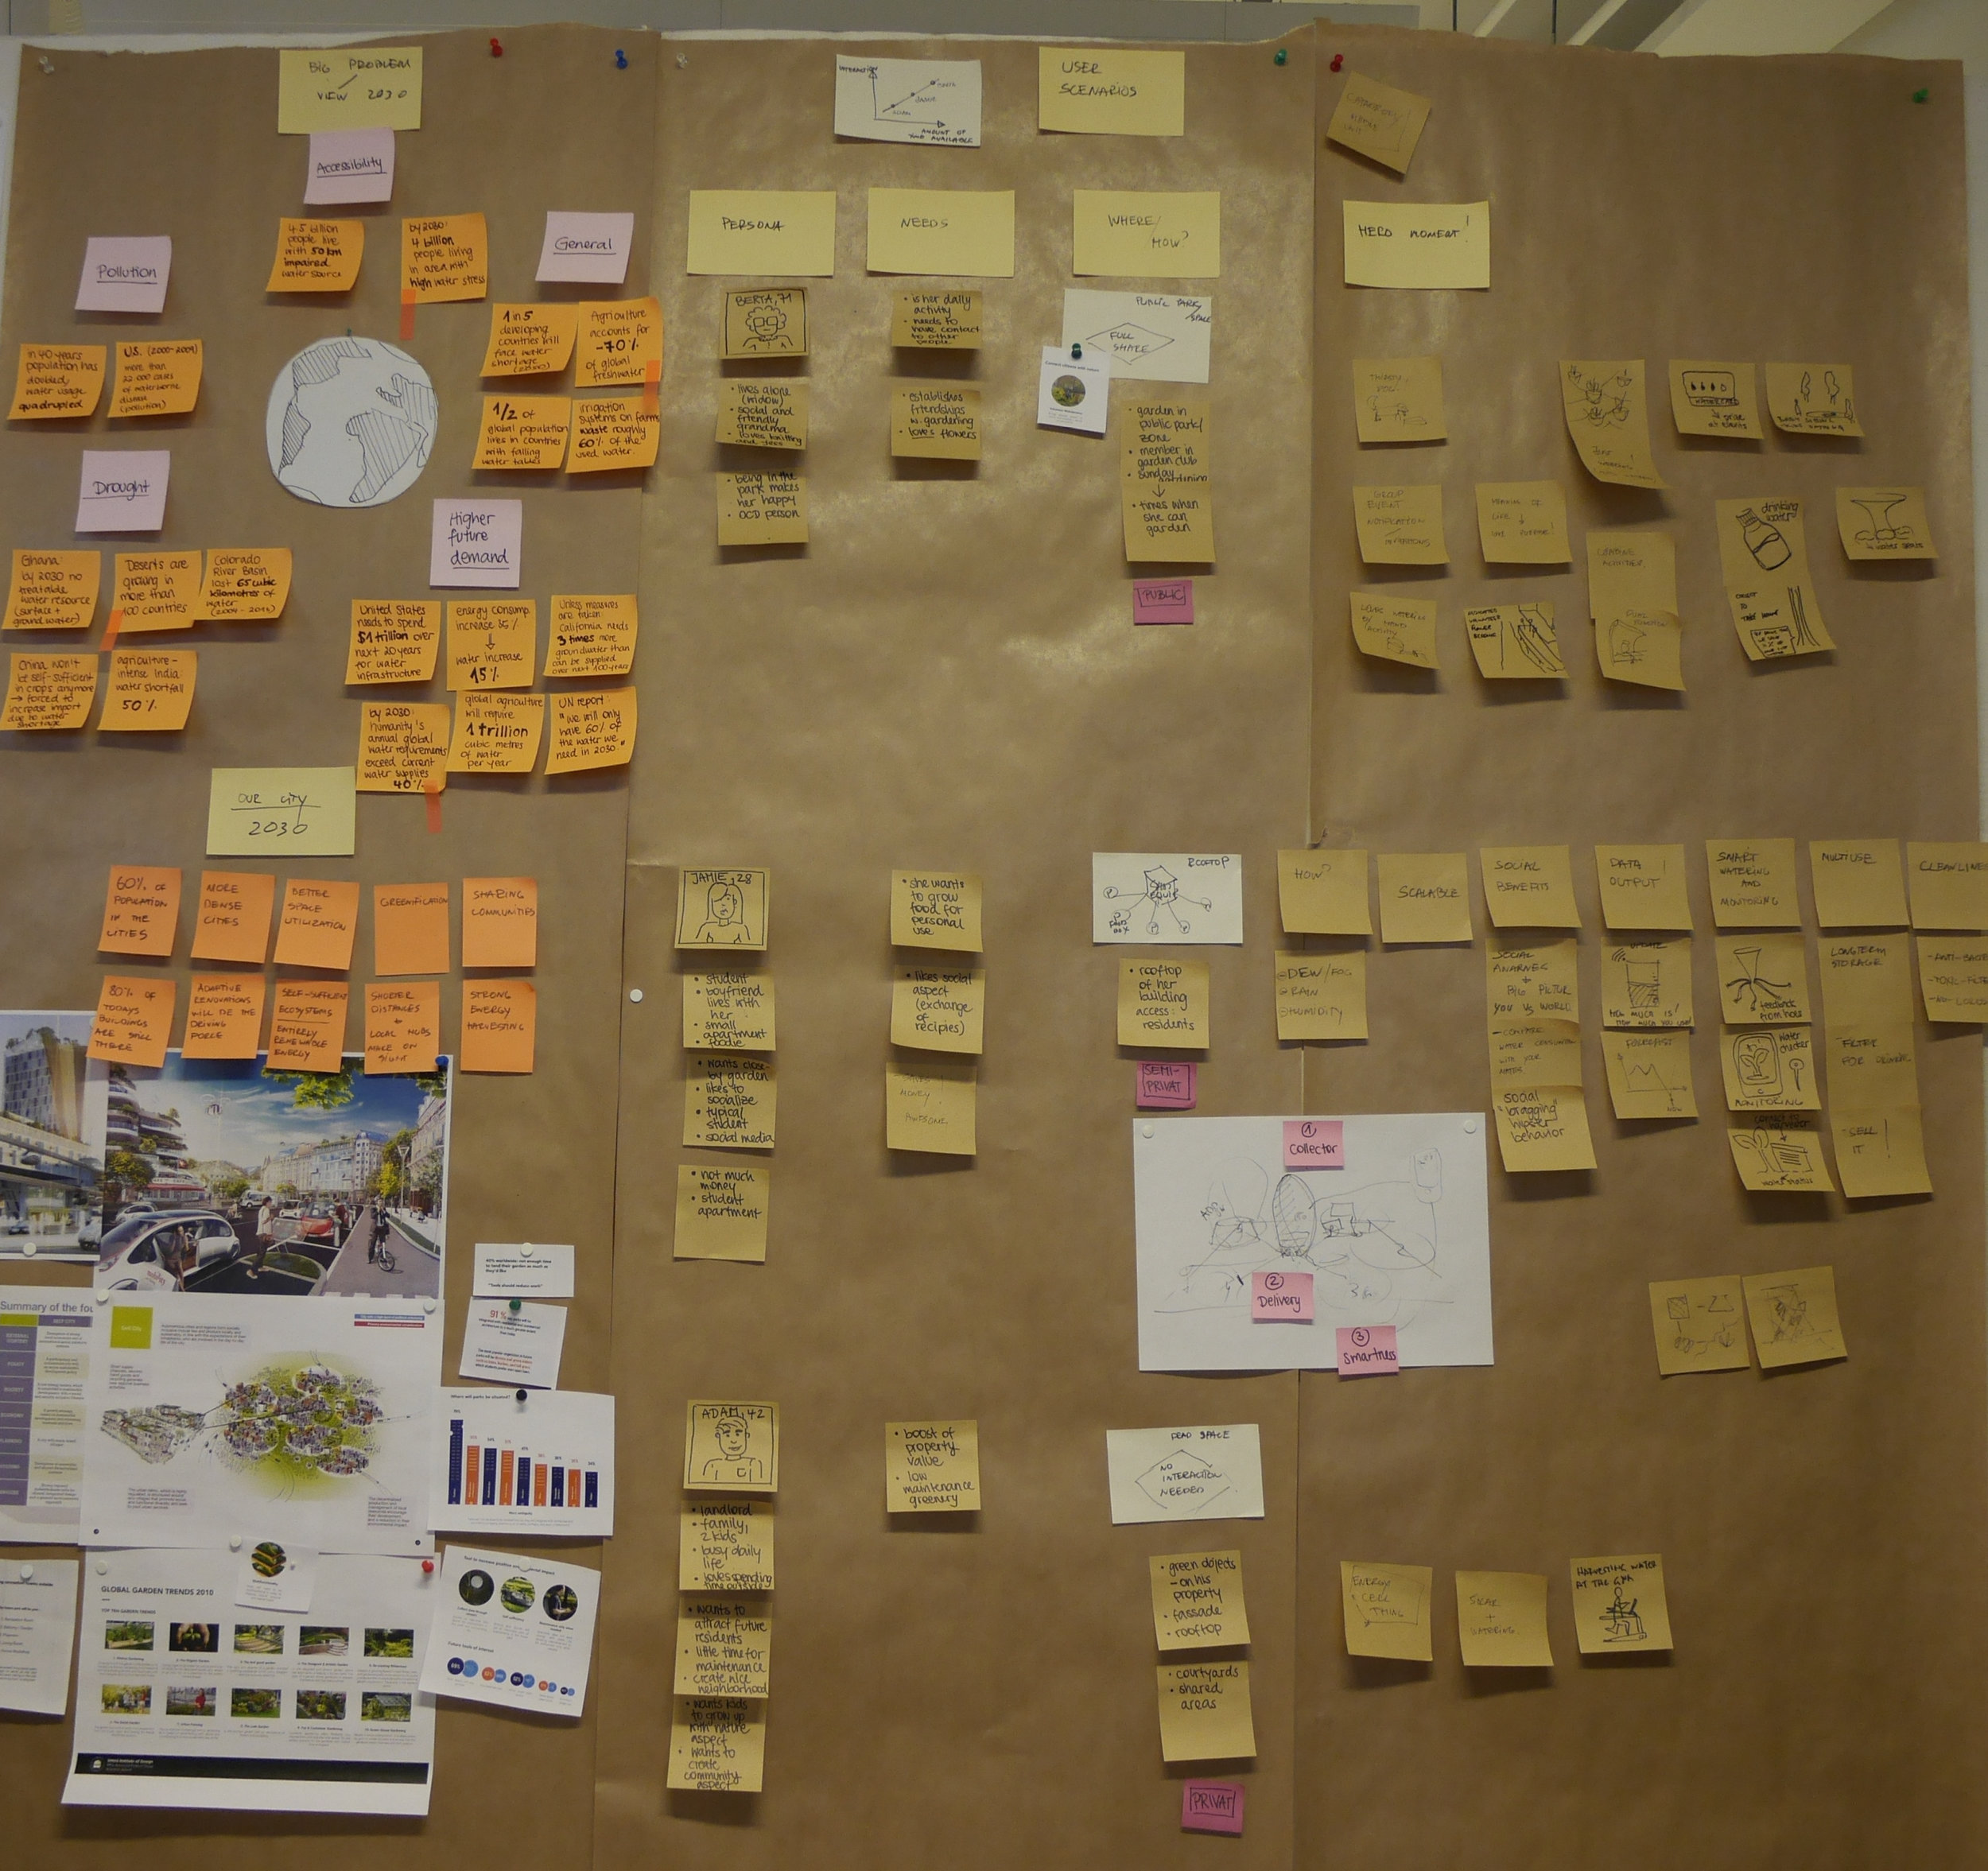 Clustering design opportunities